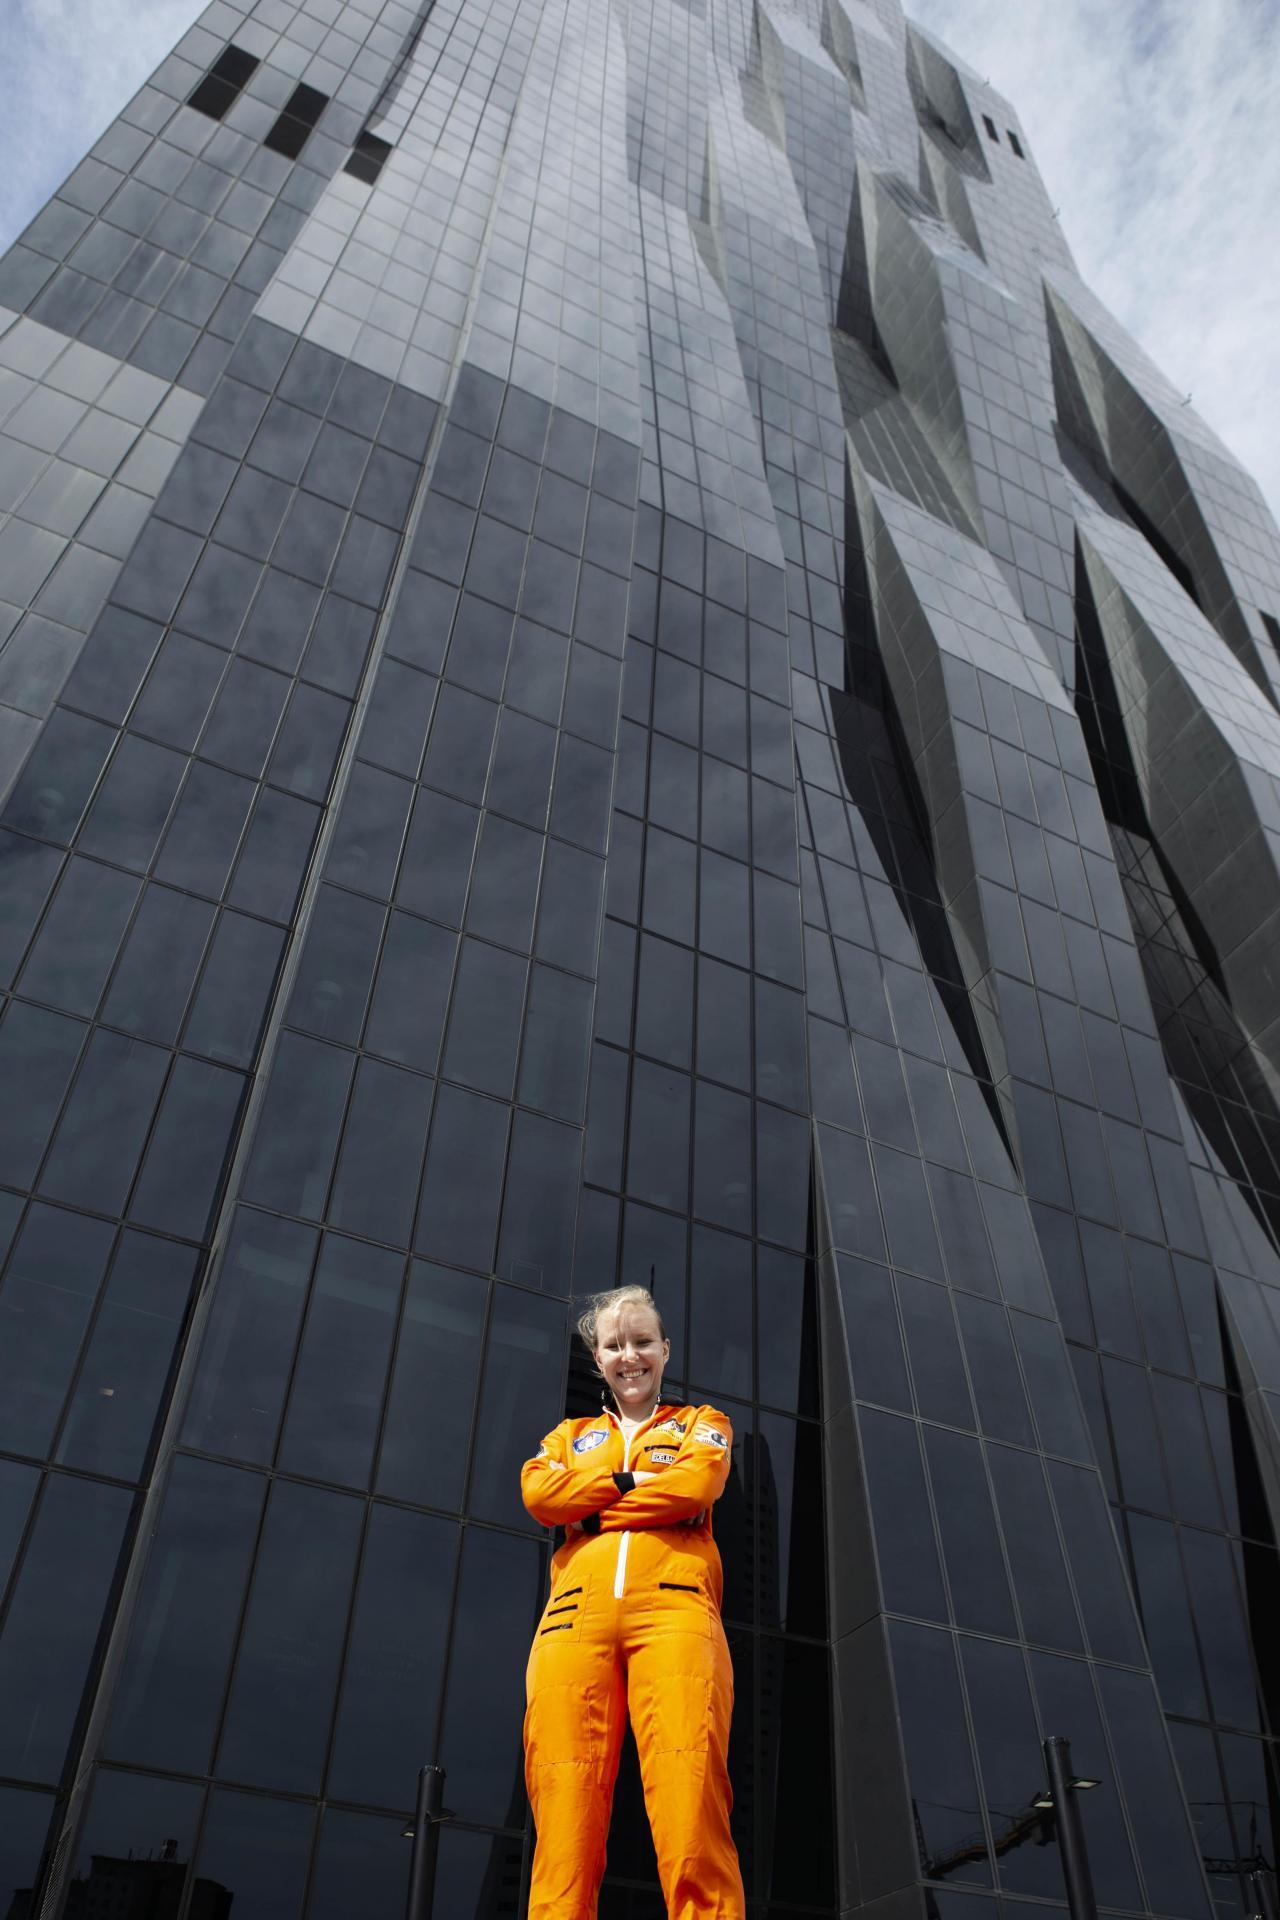 Raphaela Edelbauer im orangen Space-Suit vor einem verglasten Hochhaus.